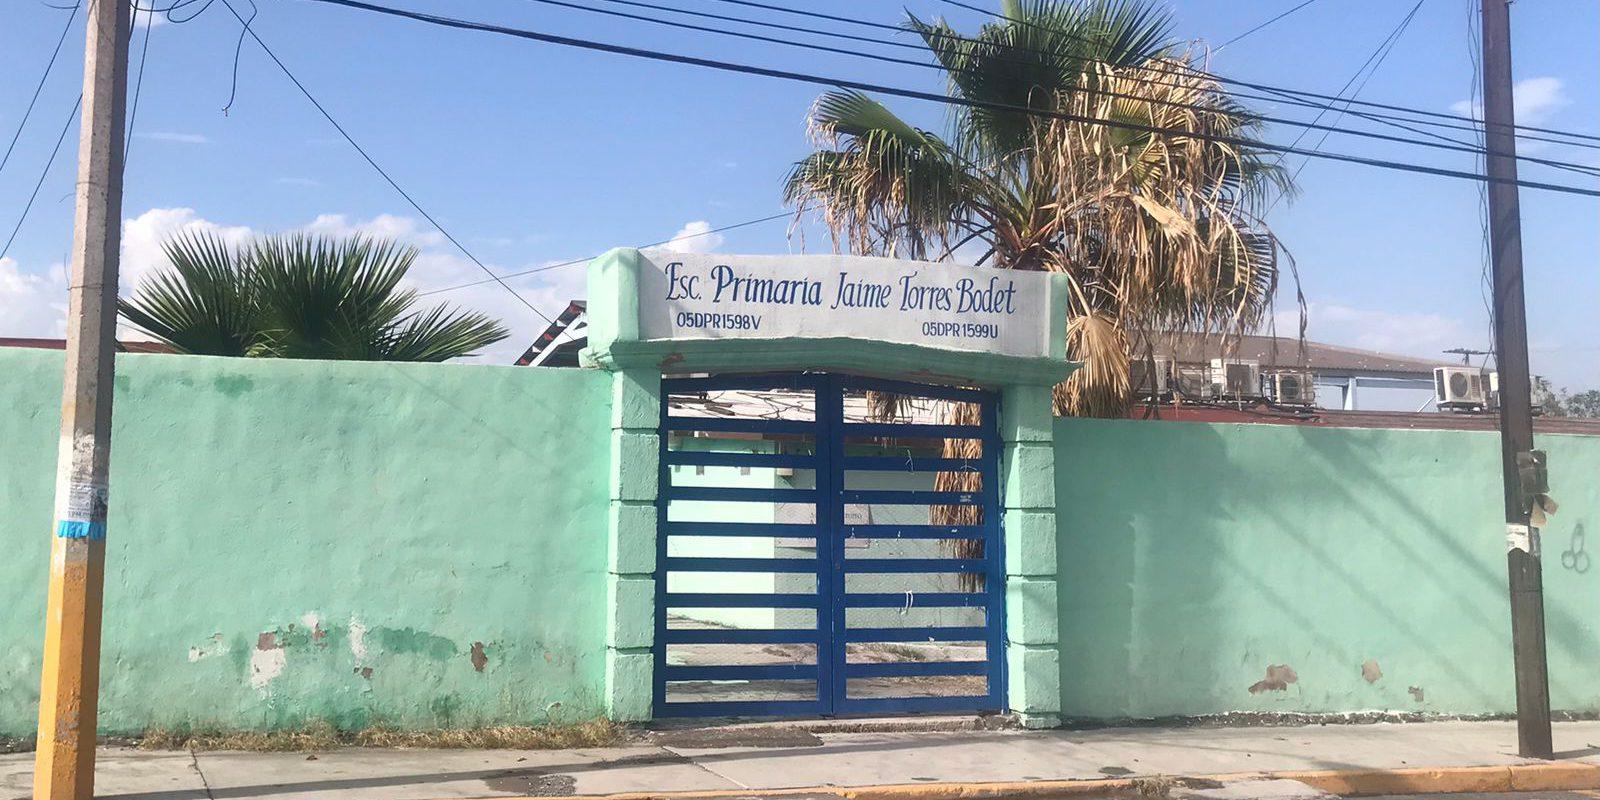 Cerco sanitario en la Primaria Jaime Torres Bodet de Monclova, 2 alumnos y 2 padres de familia con COVID-19, hay 8 alumnos con síntomas y un intendente